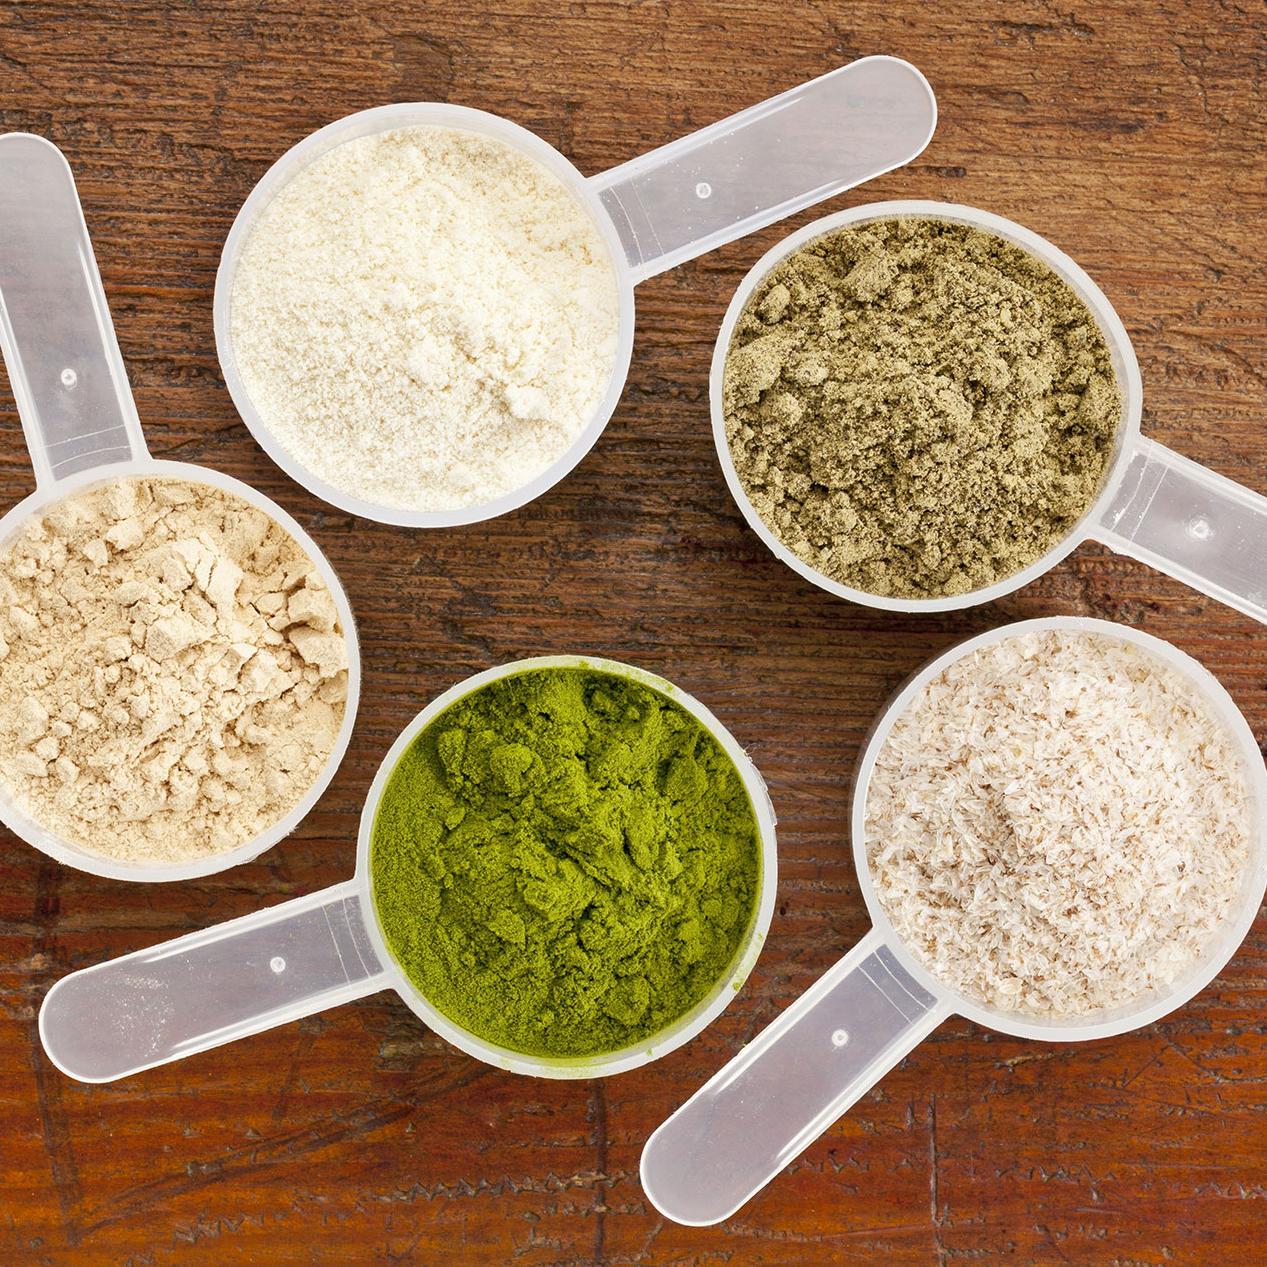 營養品食用方法&說明 - 高蛋白(雪克)